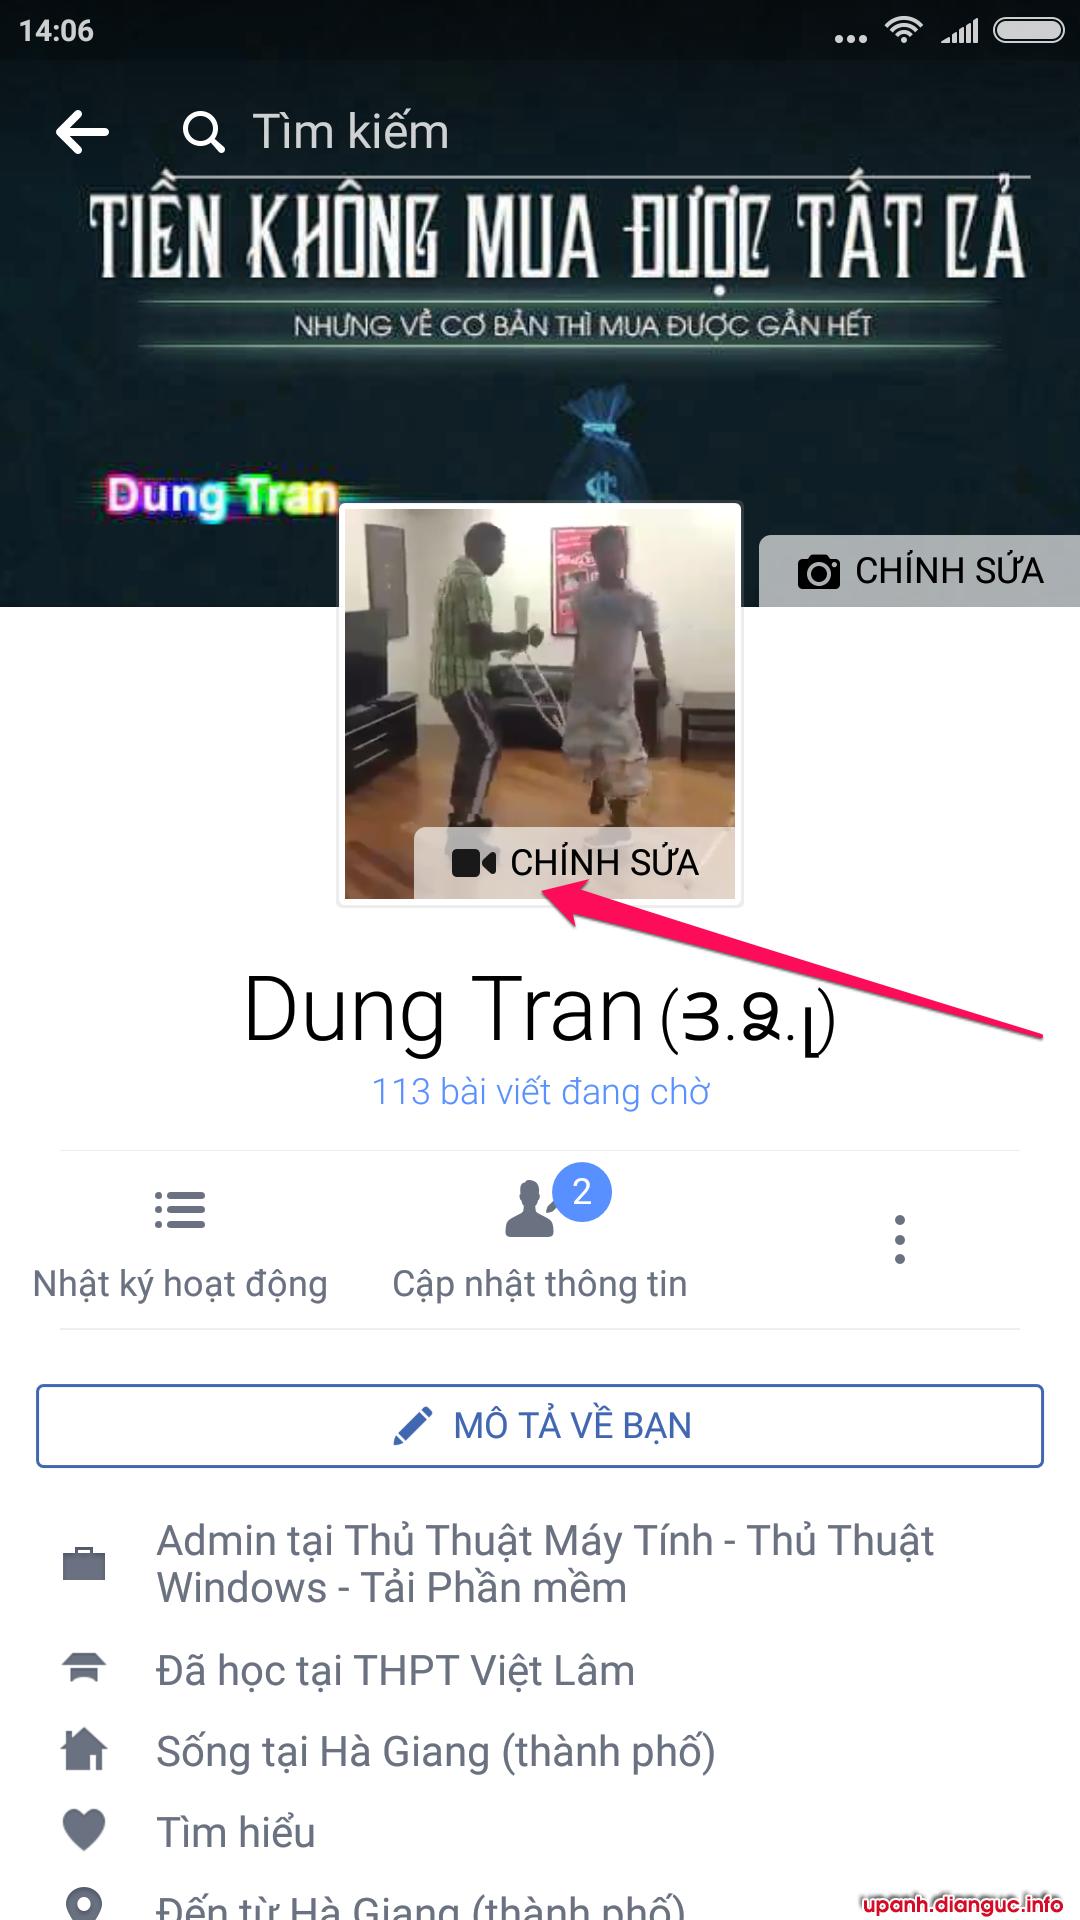 Hướng dẫn đặt video làm ảnh đại diện Facebook trên Android